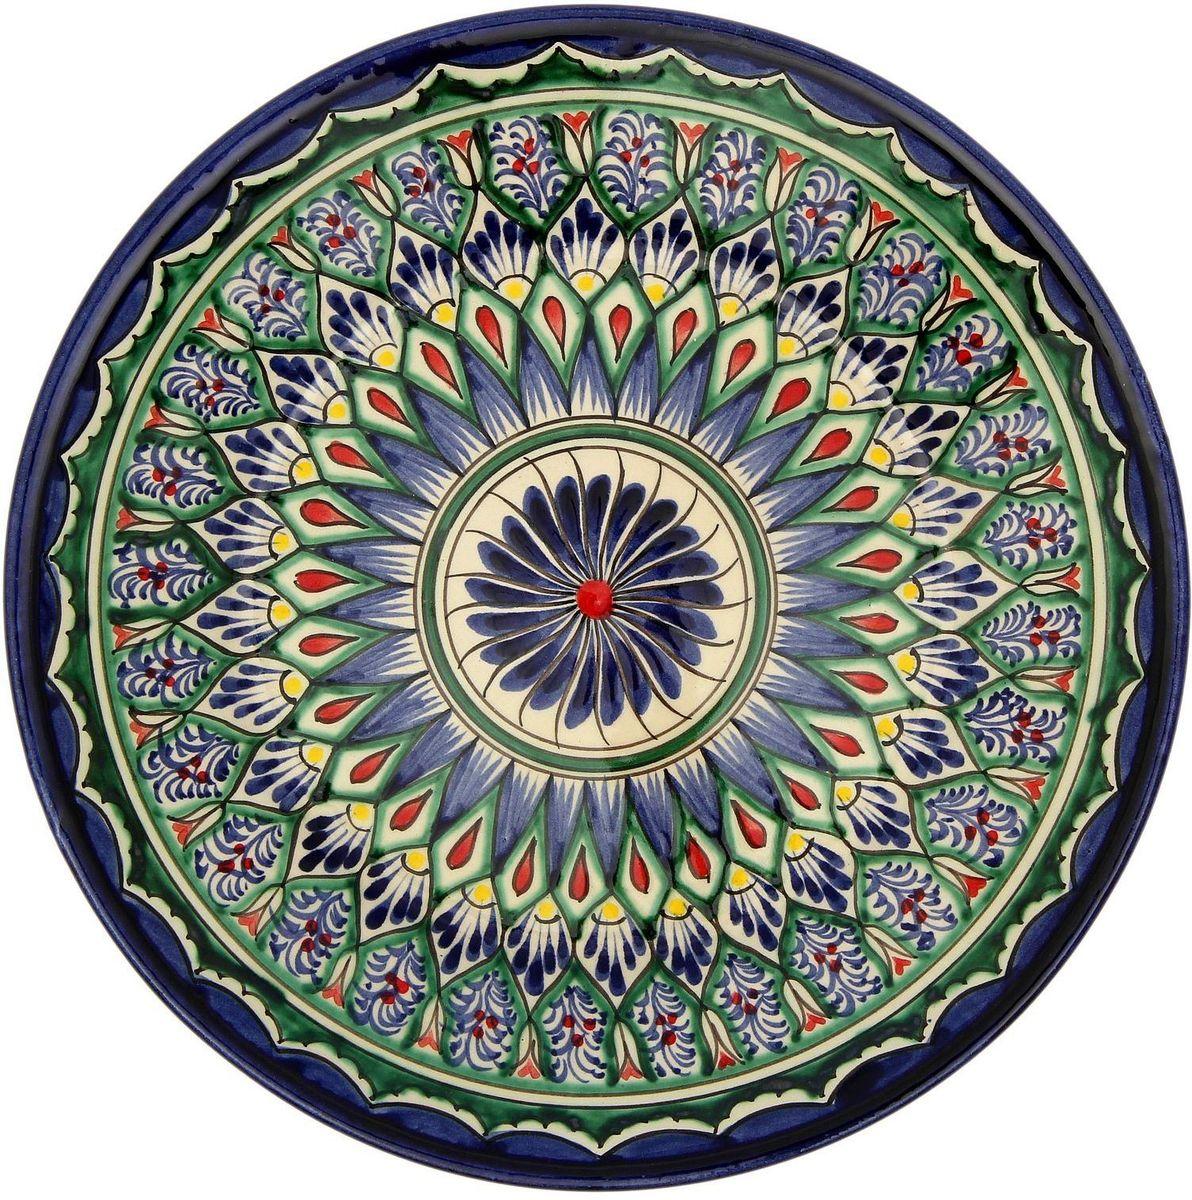 Тарелка Риштанская керамика, диаметр 23 см. 21580062158006Узбекская посуда известна всему миру уже более тысячи лет. Ей любовались царские особы, на ней подавали еду шейхам и знатным персонам. Формула глазури передаётся из поколения в поколение. По сей день качественные изделия продолжают восхищать своей идеальной формой.Данный предмет подойдёт для повседневной и праздничной сервировки. Дополните стол текстилем и салфетками в тон, чтобы получить элегантное убранство с яркими акцентами.Возможны отличия некоторых элементов рисунка от того, что представлено на фото. Товар расписывается вручную.